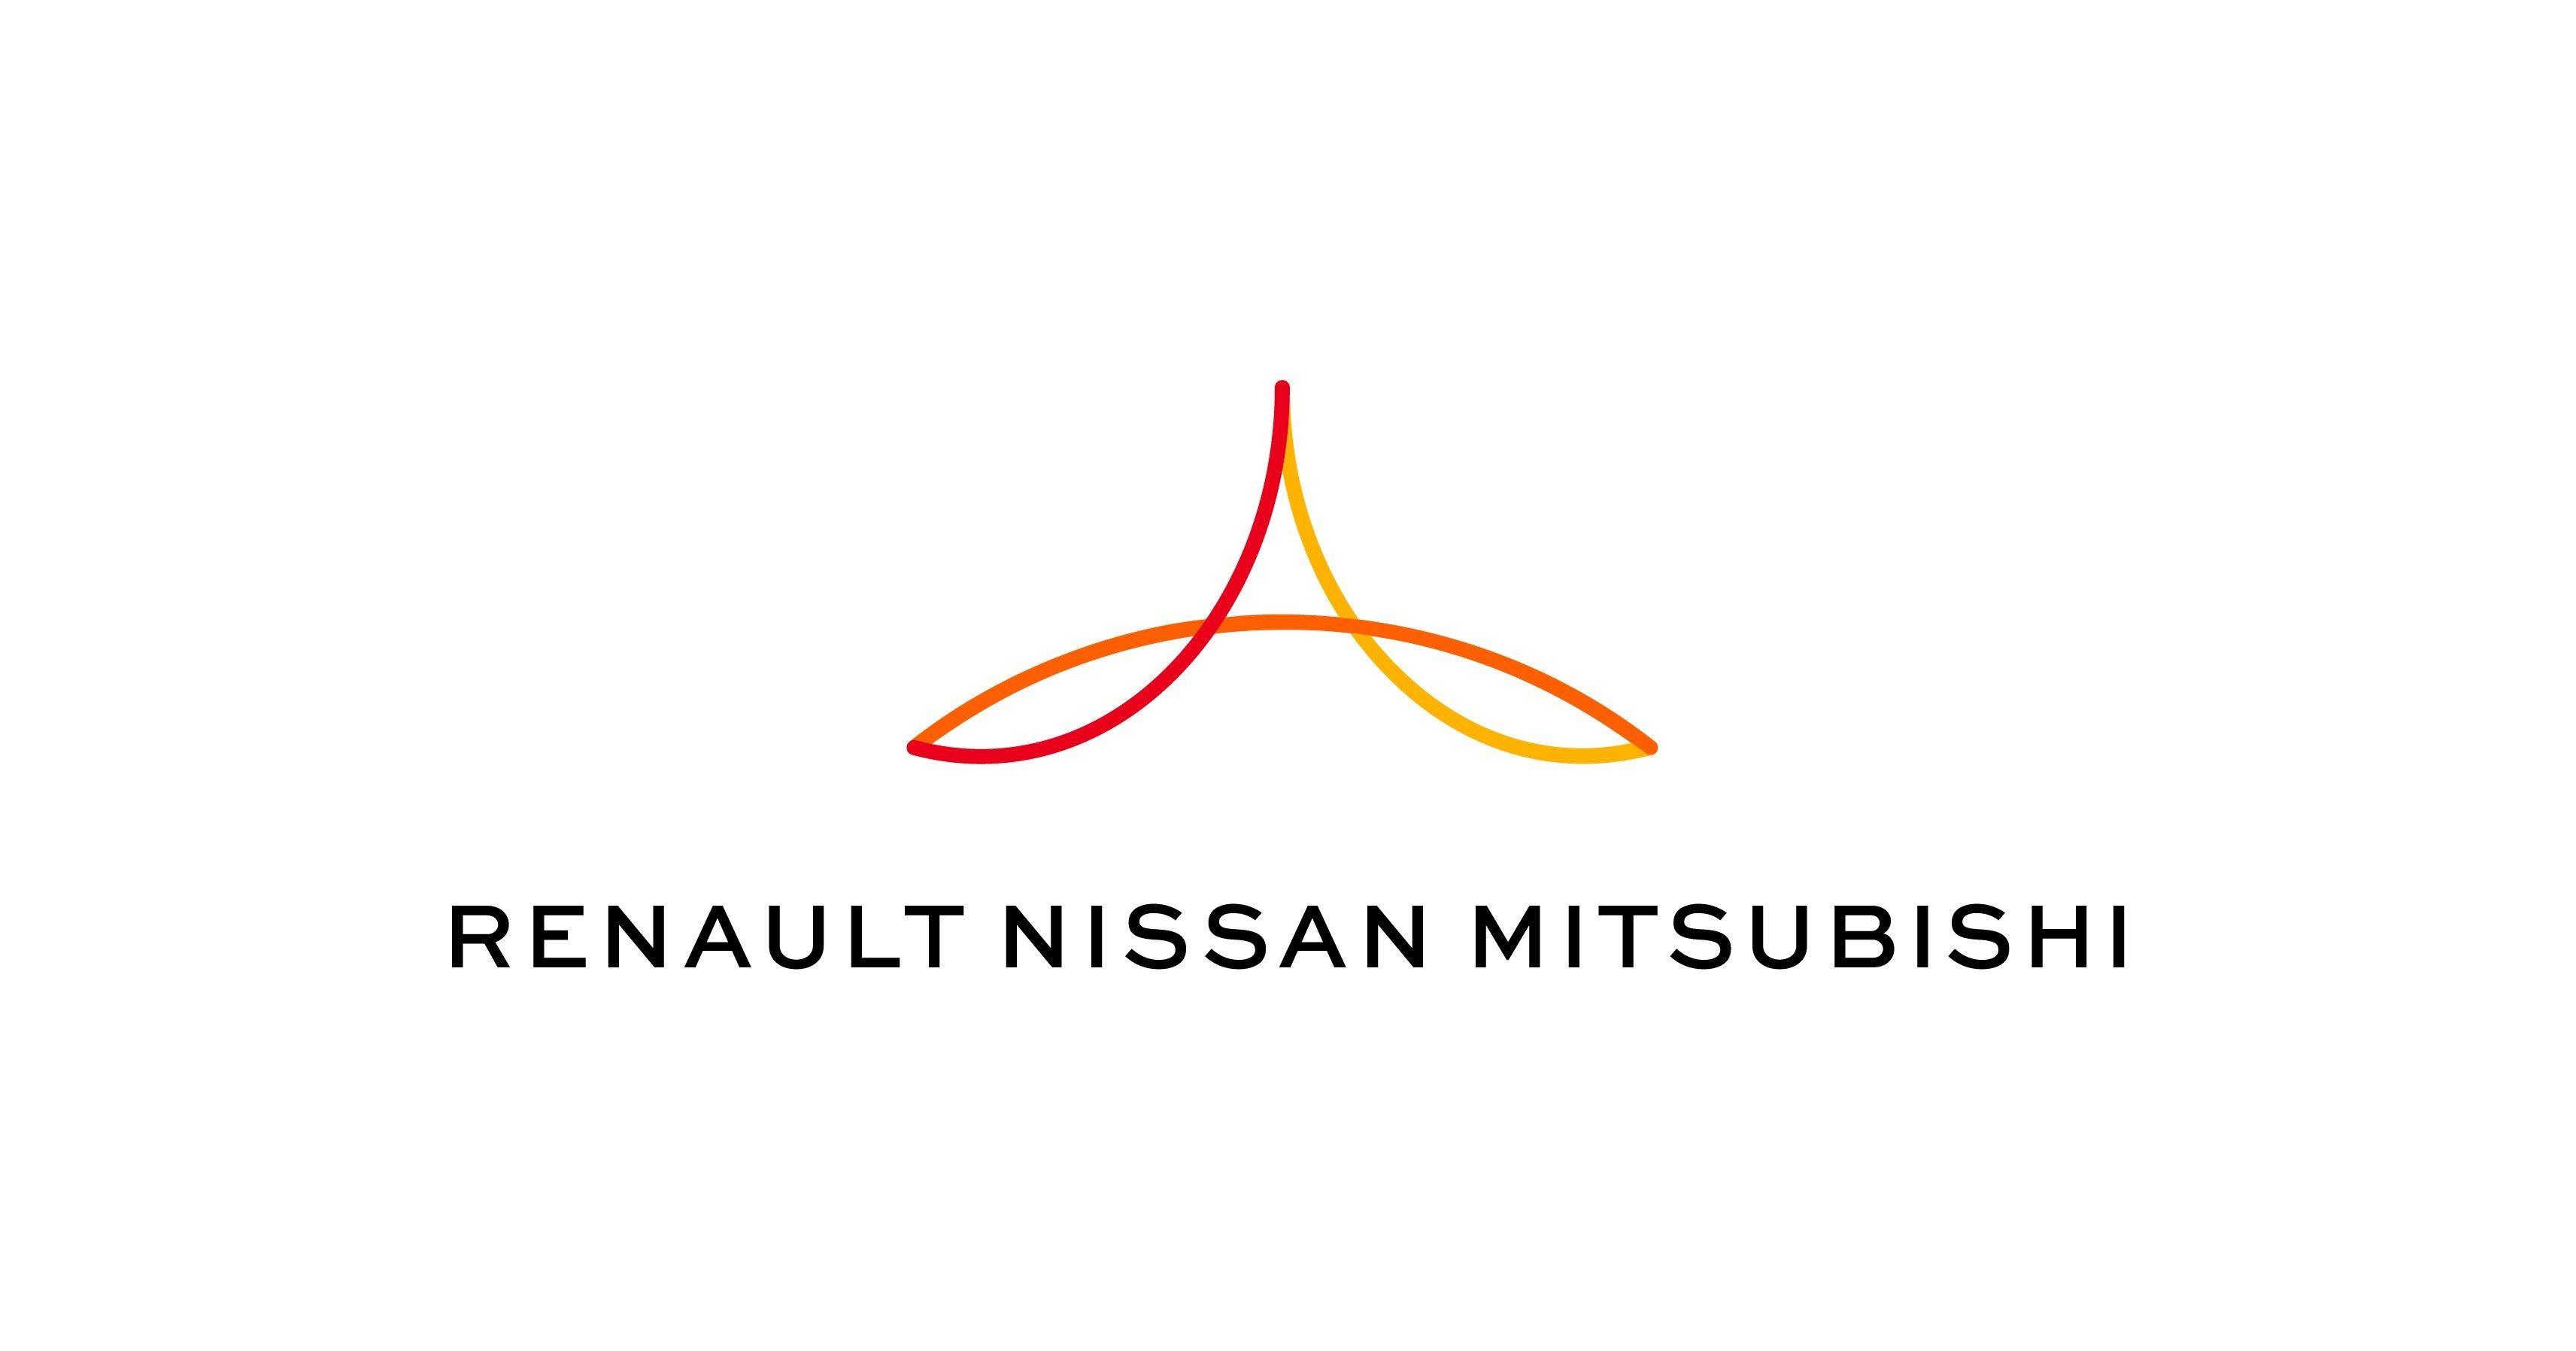 Альянс Renault-Nissan уклаВ угоду про спільне партнерство з корпорацією Dongfeng з метою спільної розробки електромобілів у Китаї